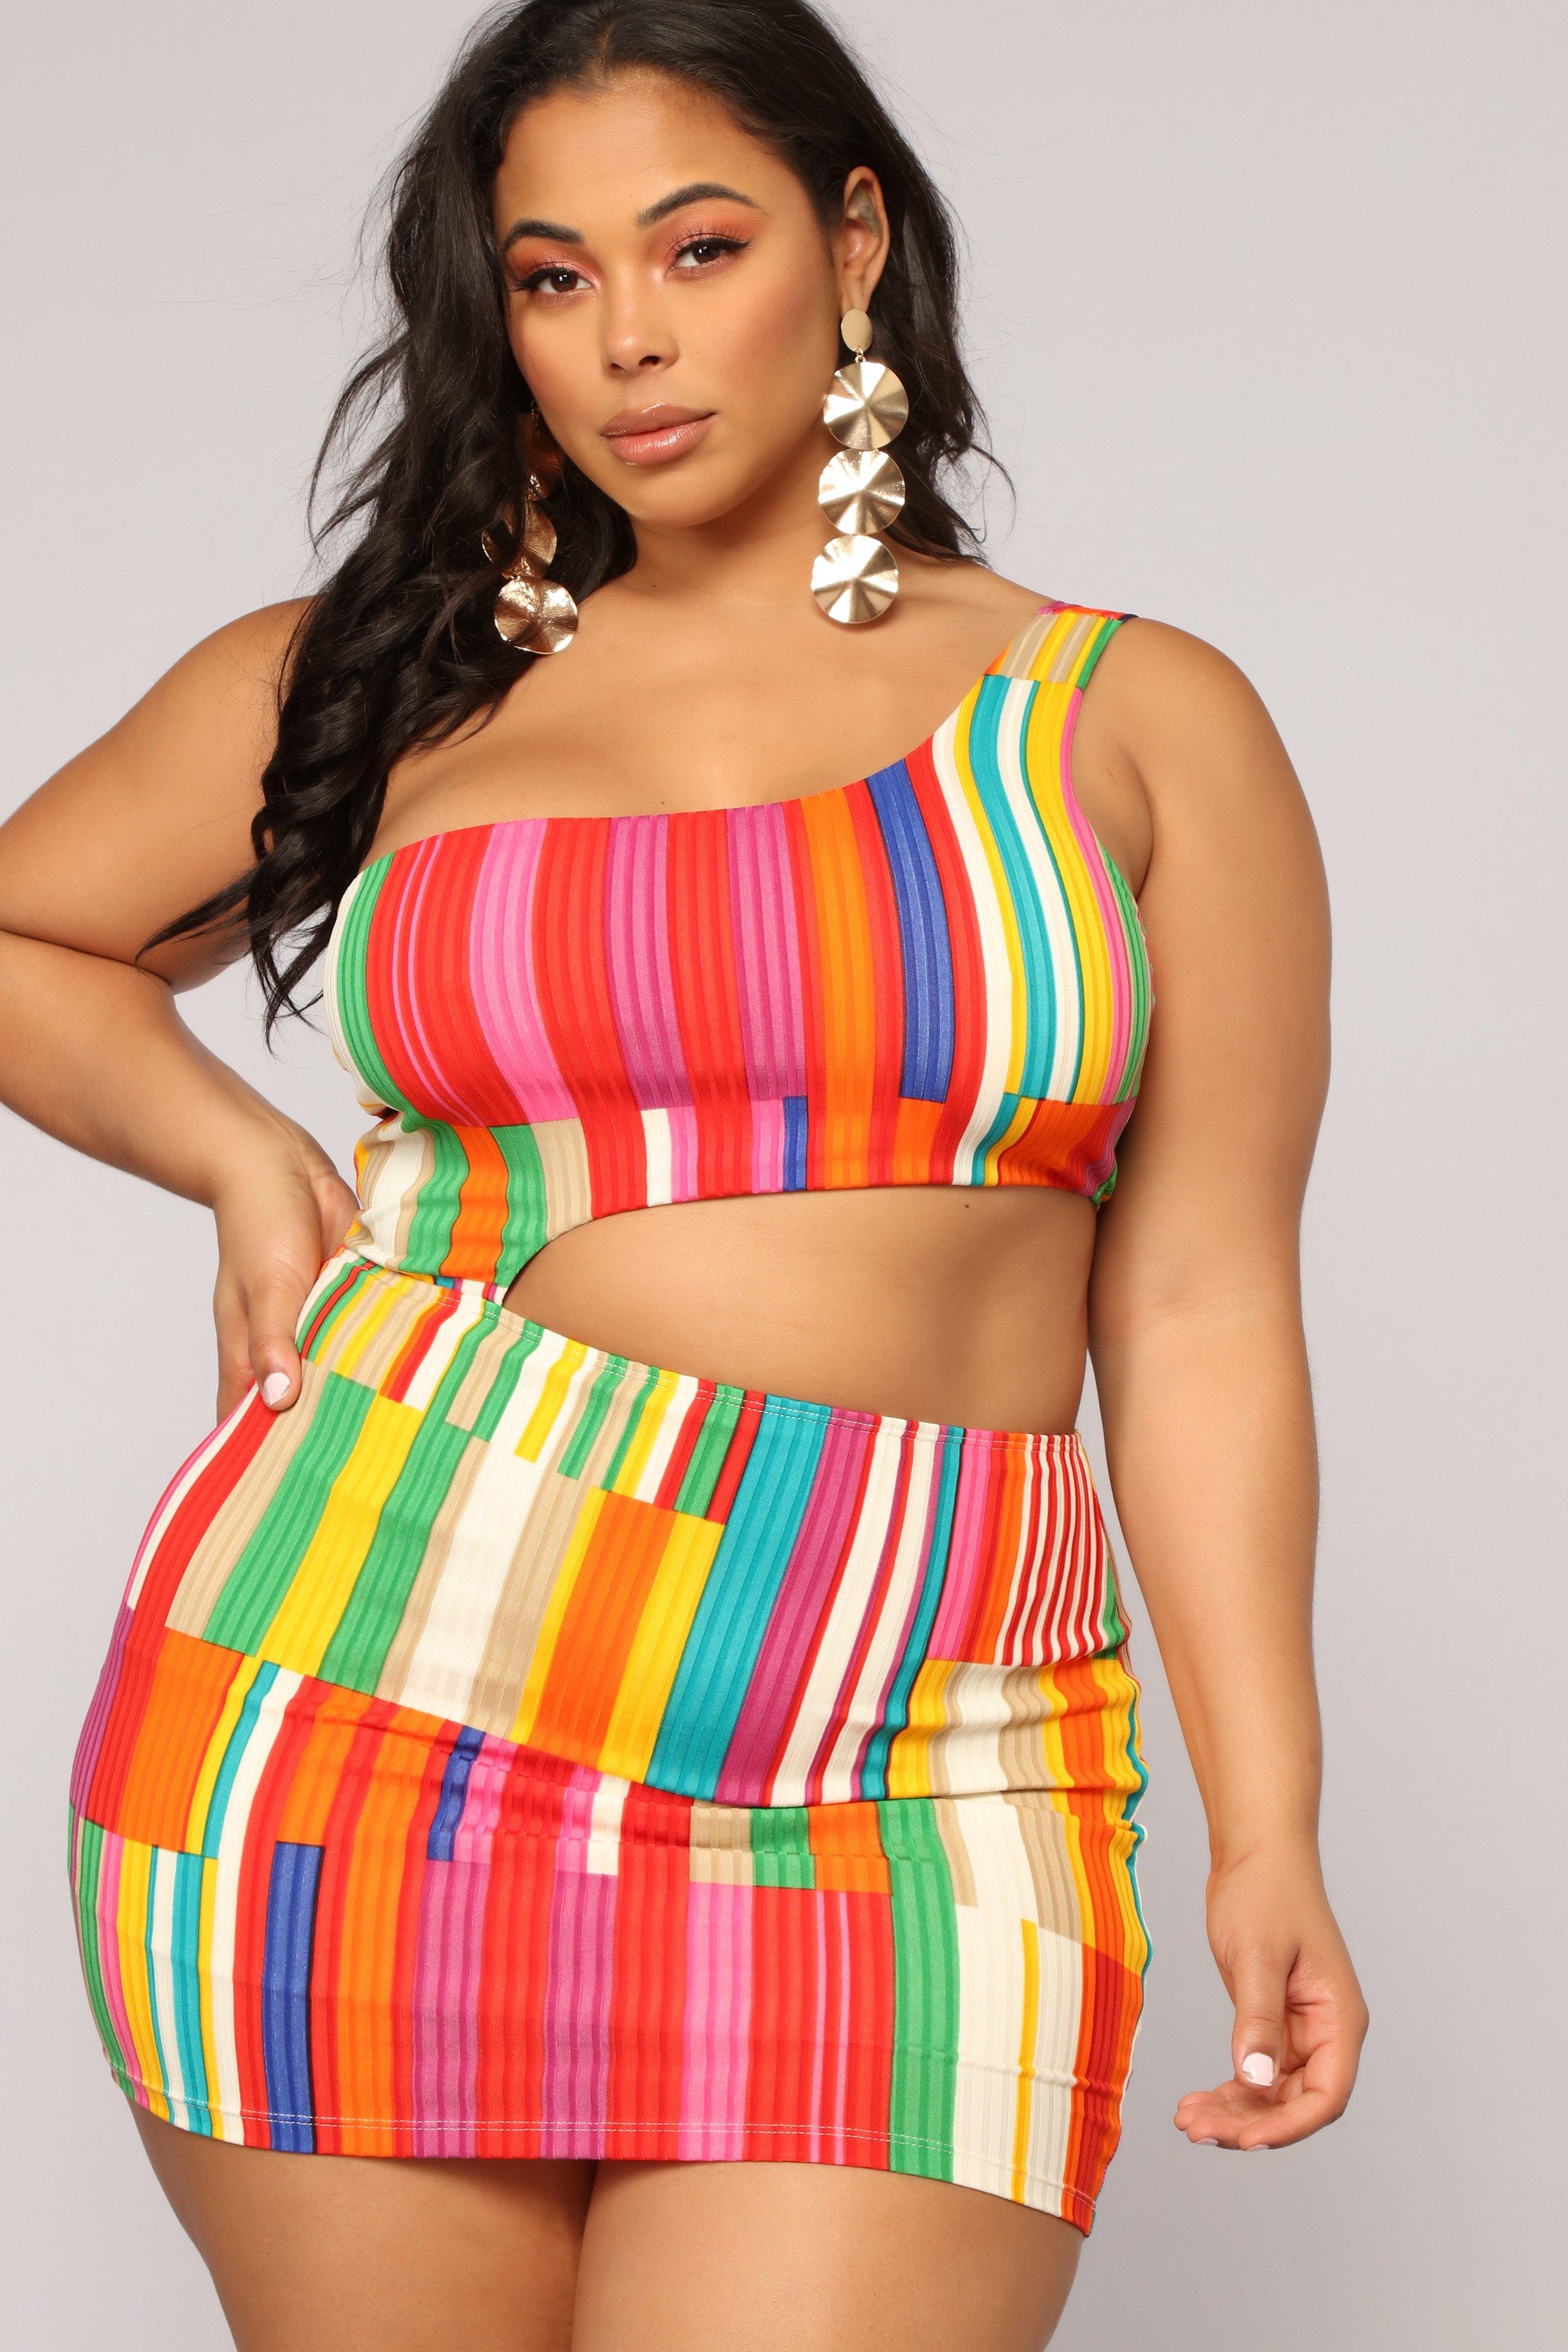 fashion nova plus size reviews